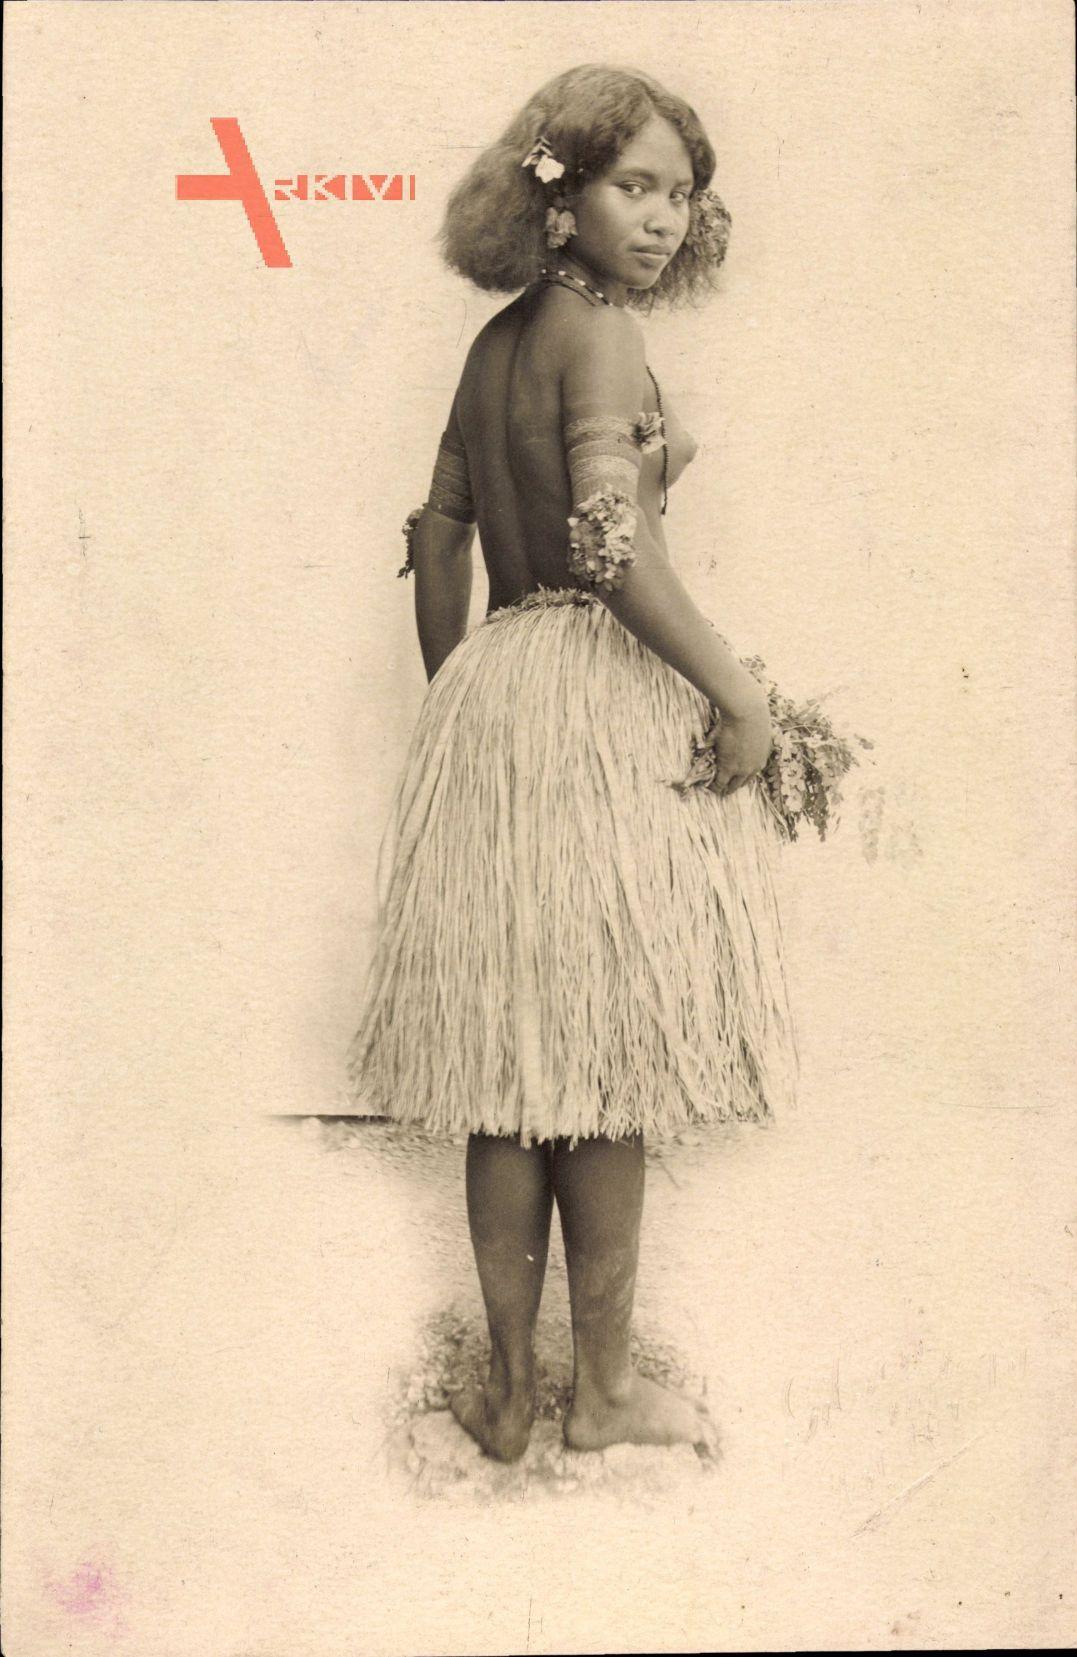 Ozeanien, Eingeborenes Mädchen, Palmenblätterrock, Barbusig